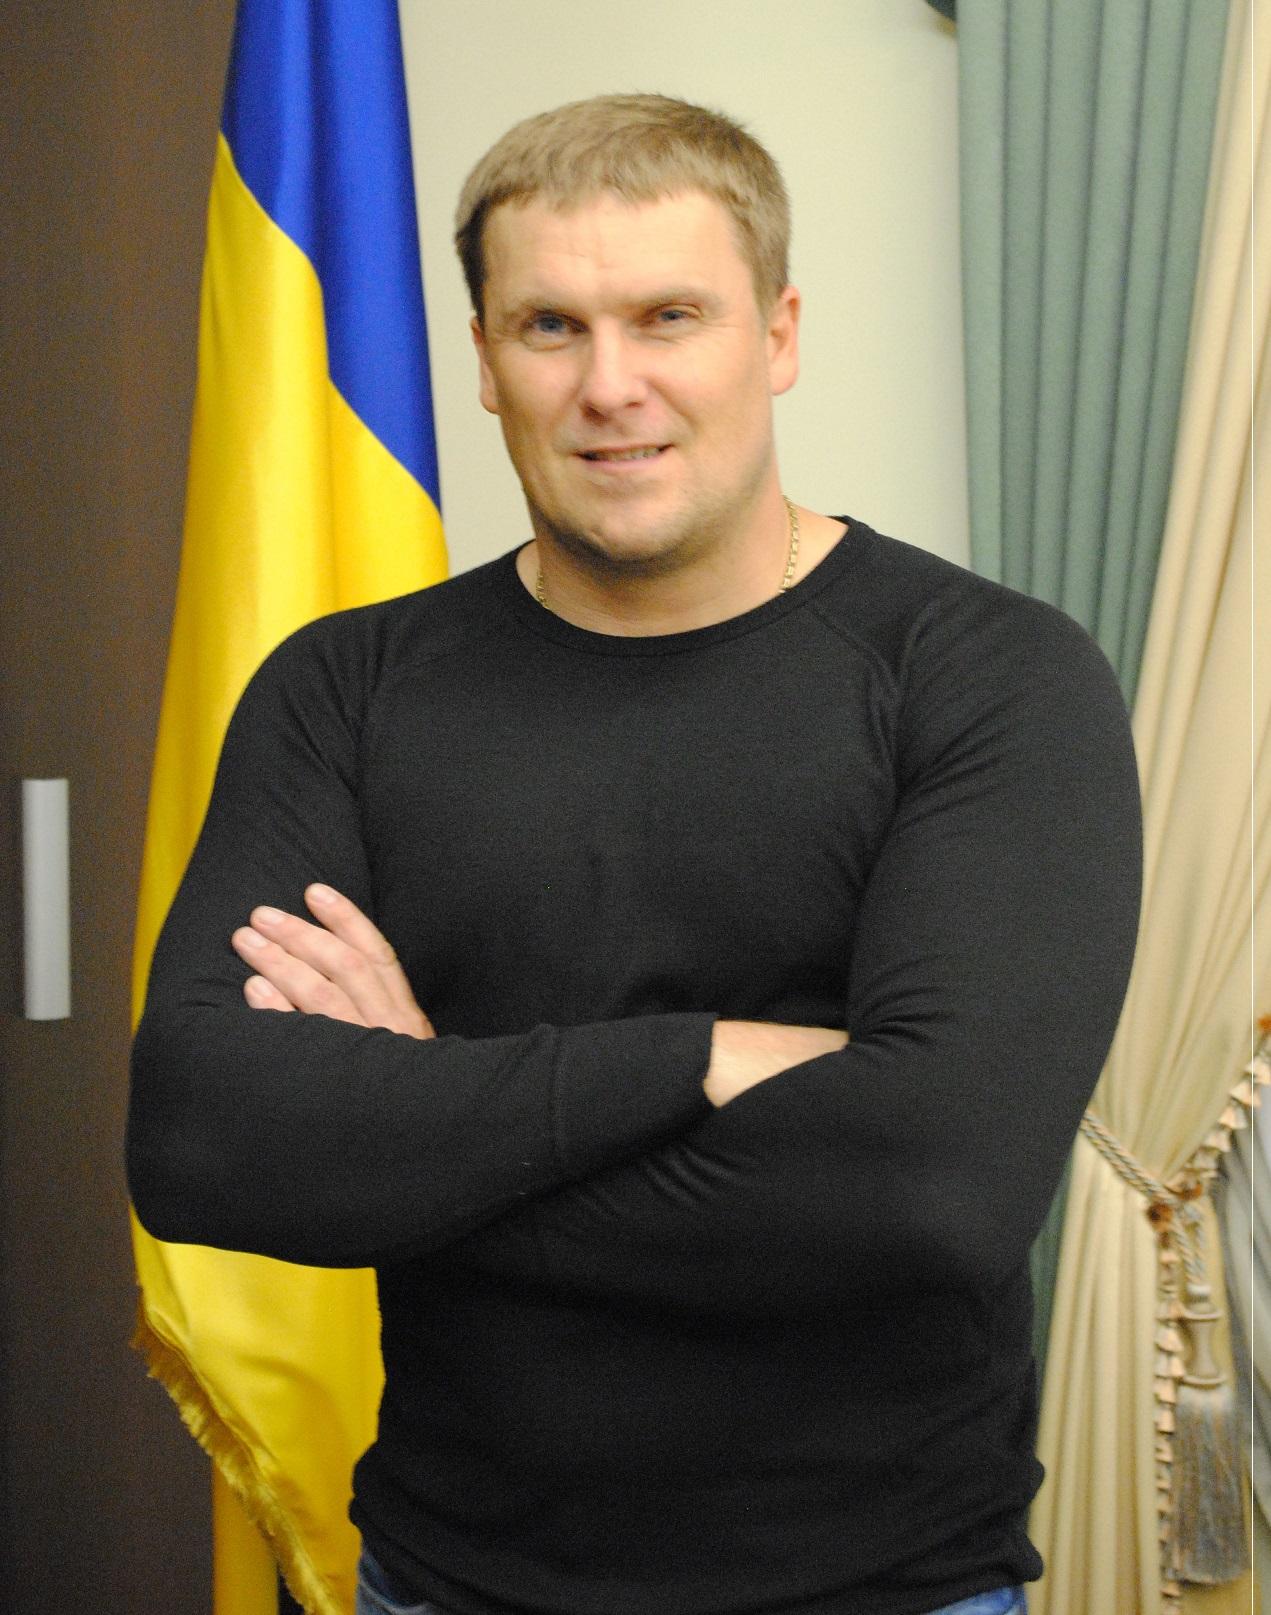 зам начальника увд киевской области фото